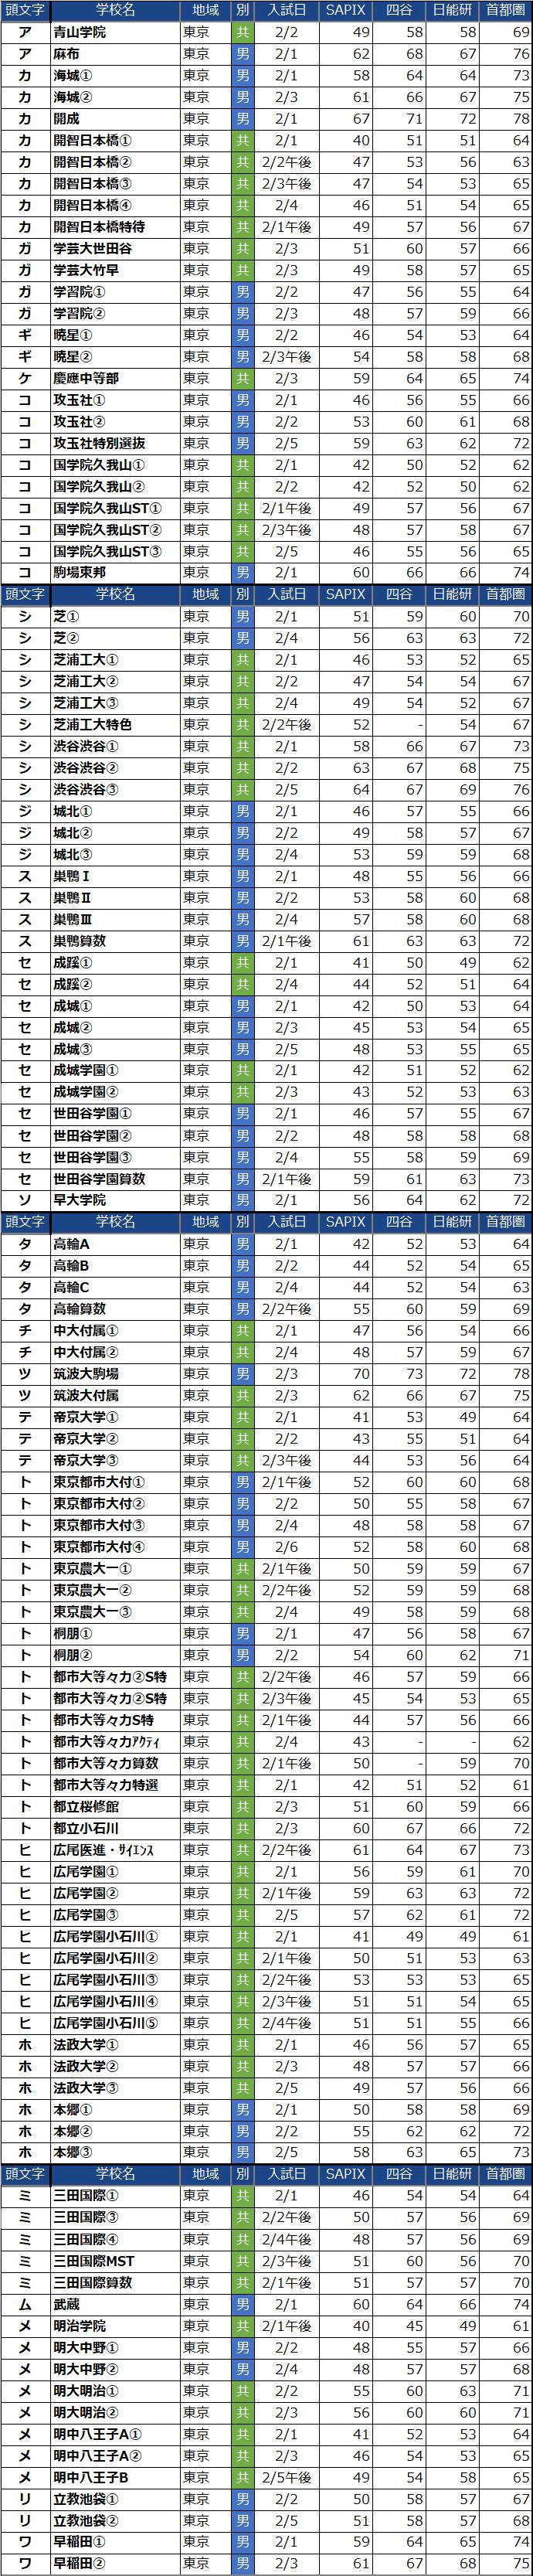 あいうえお順の東京都男子中学校偏差値(2022年度)